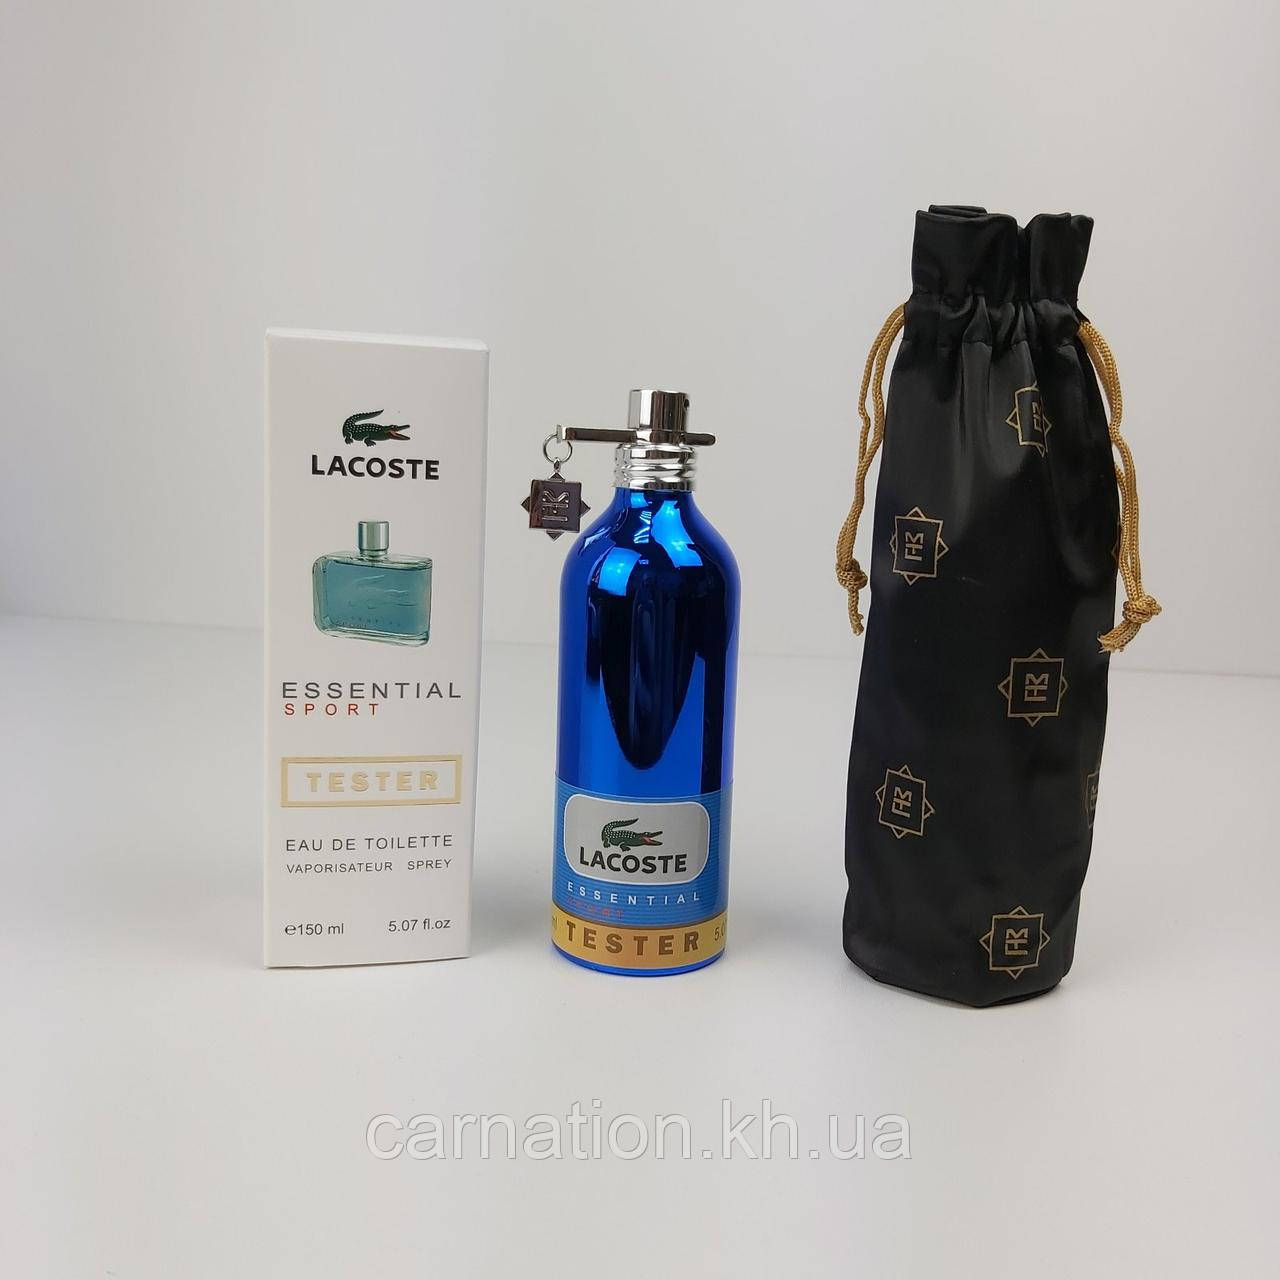 Тестер Lacoste Essential Sport 150 мл